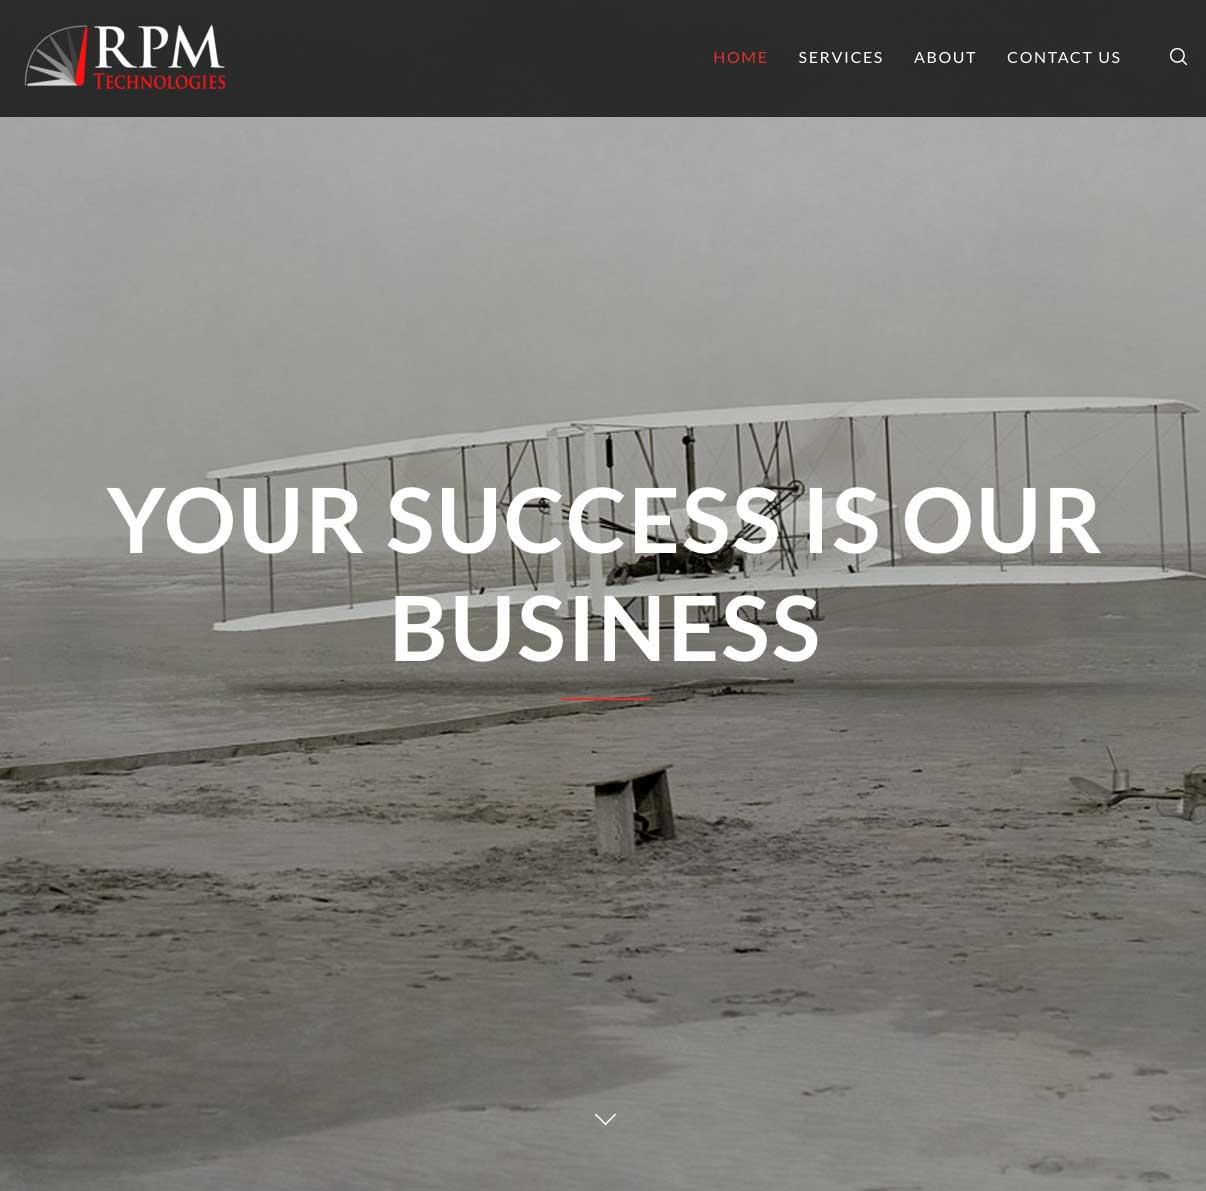 RPM Technologies Website